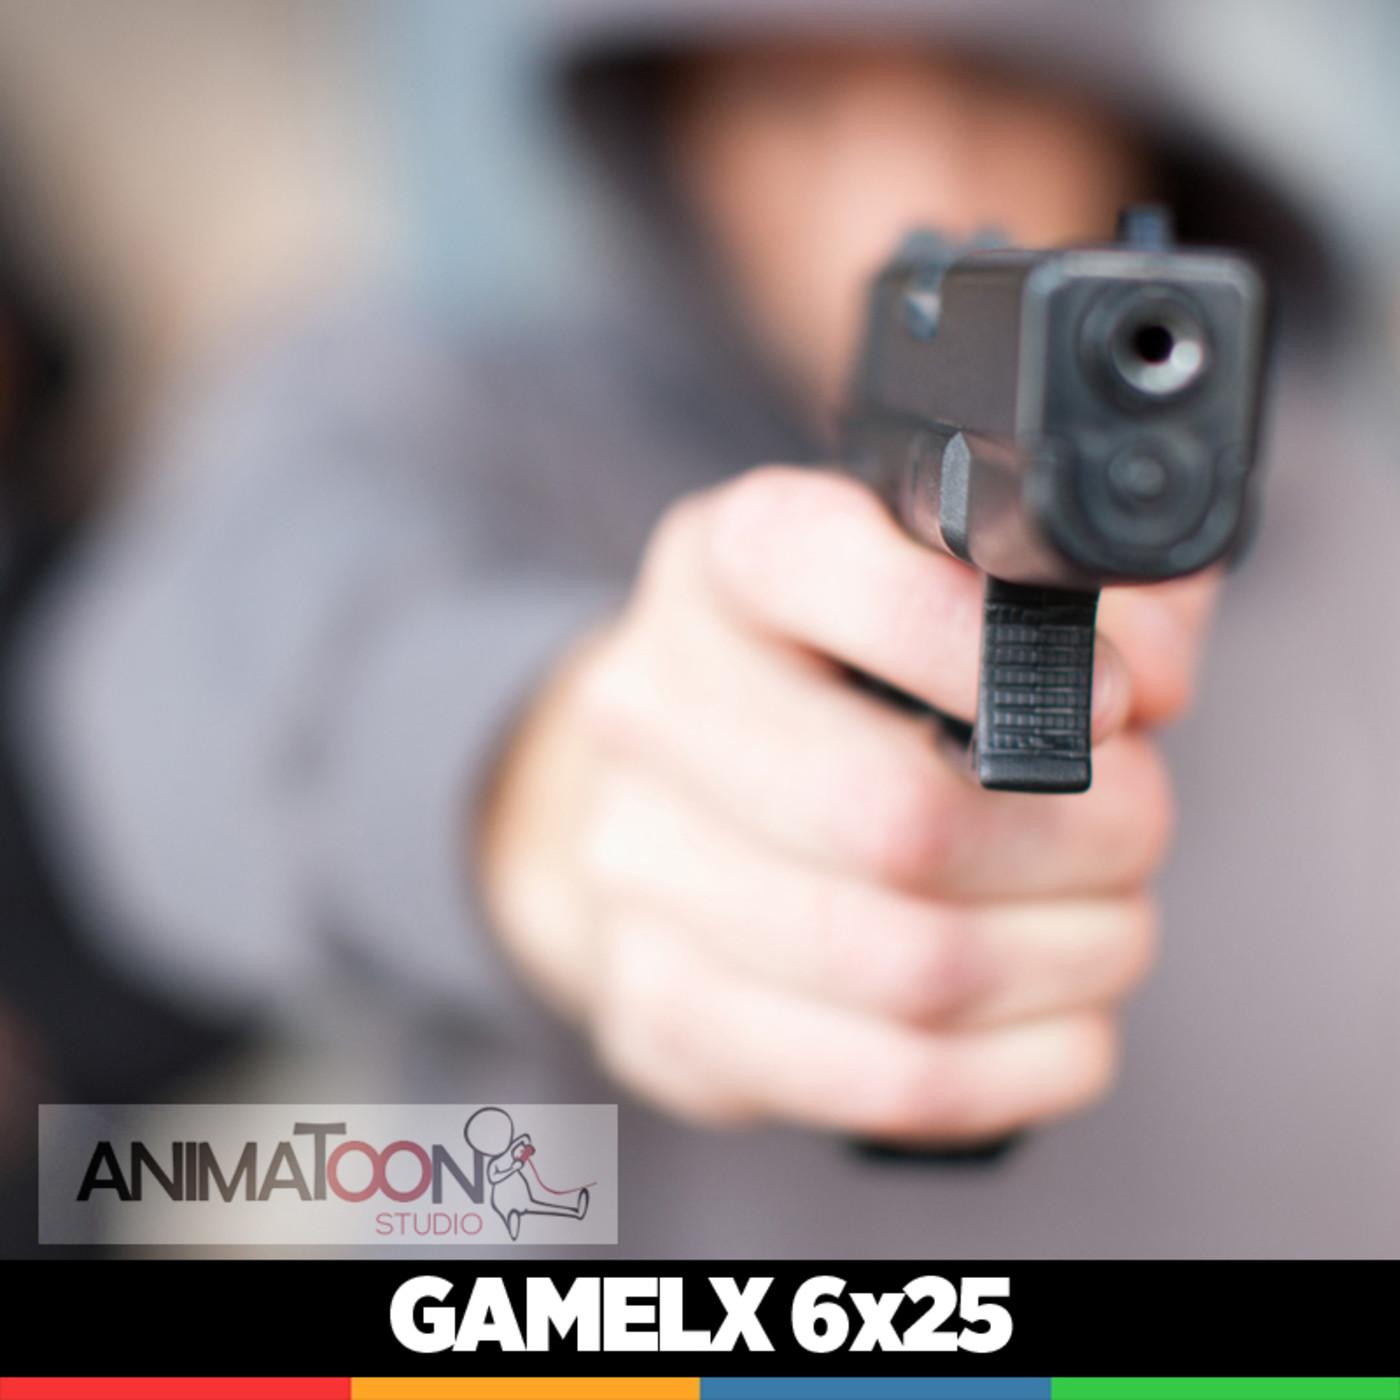 GAMELX 6x25 - ¿Generan violencia los videojuegos? + Entrevista a Darío Ávalos